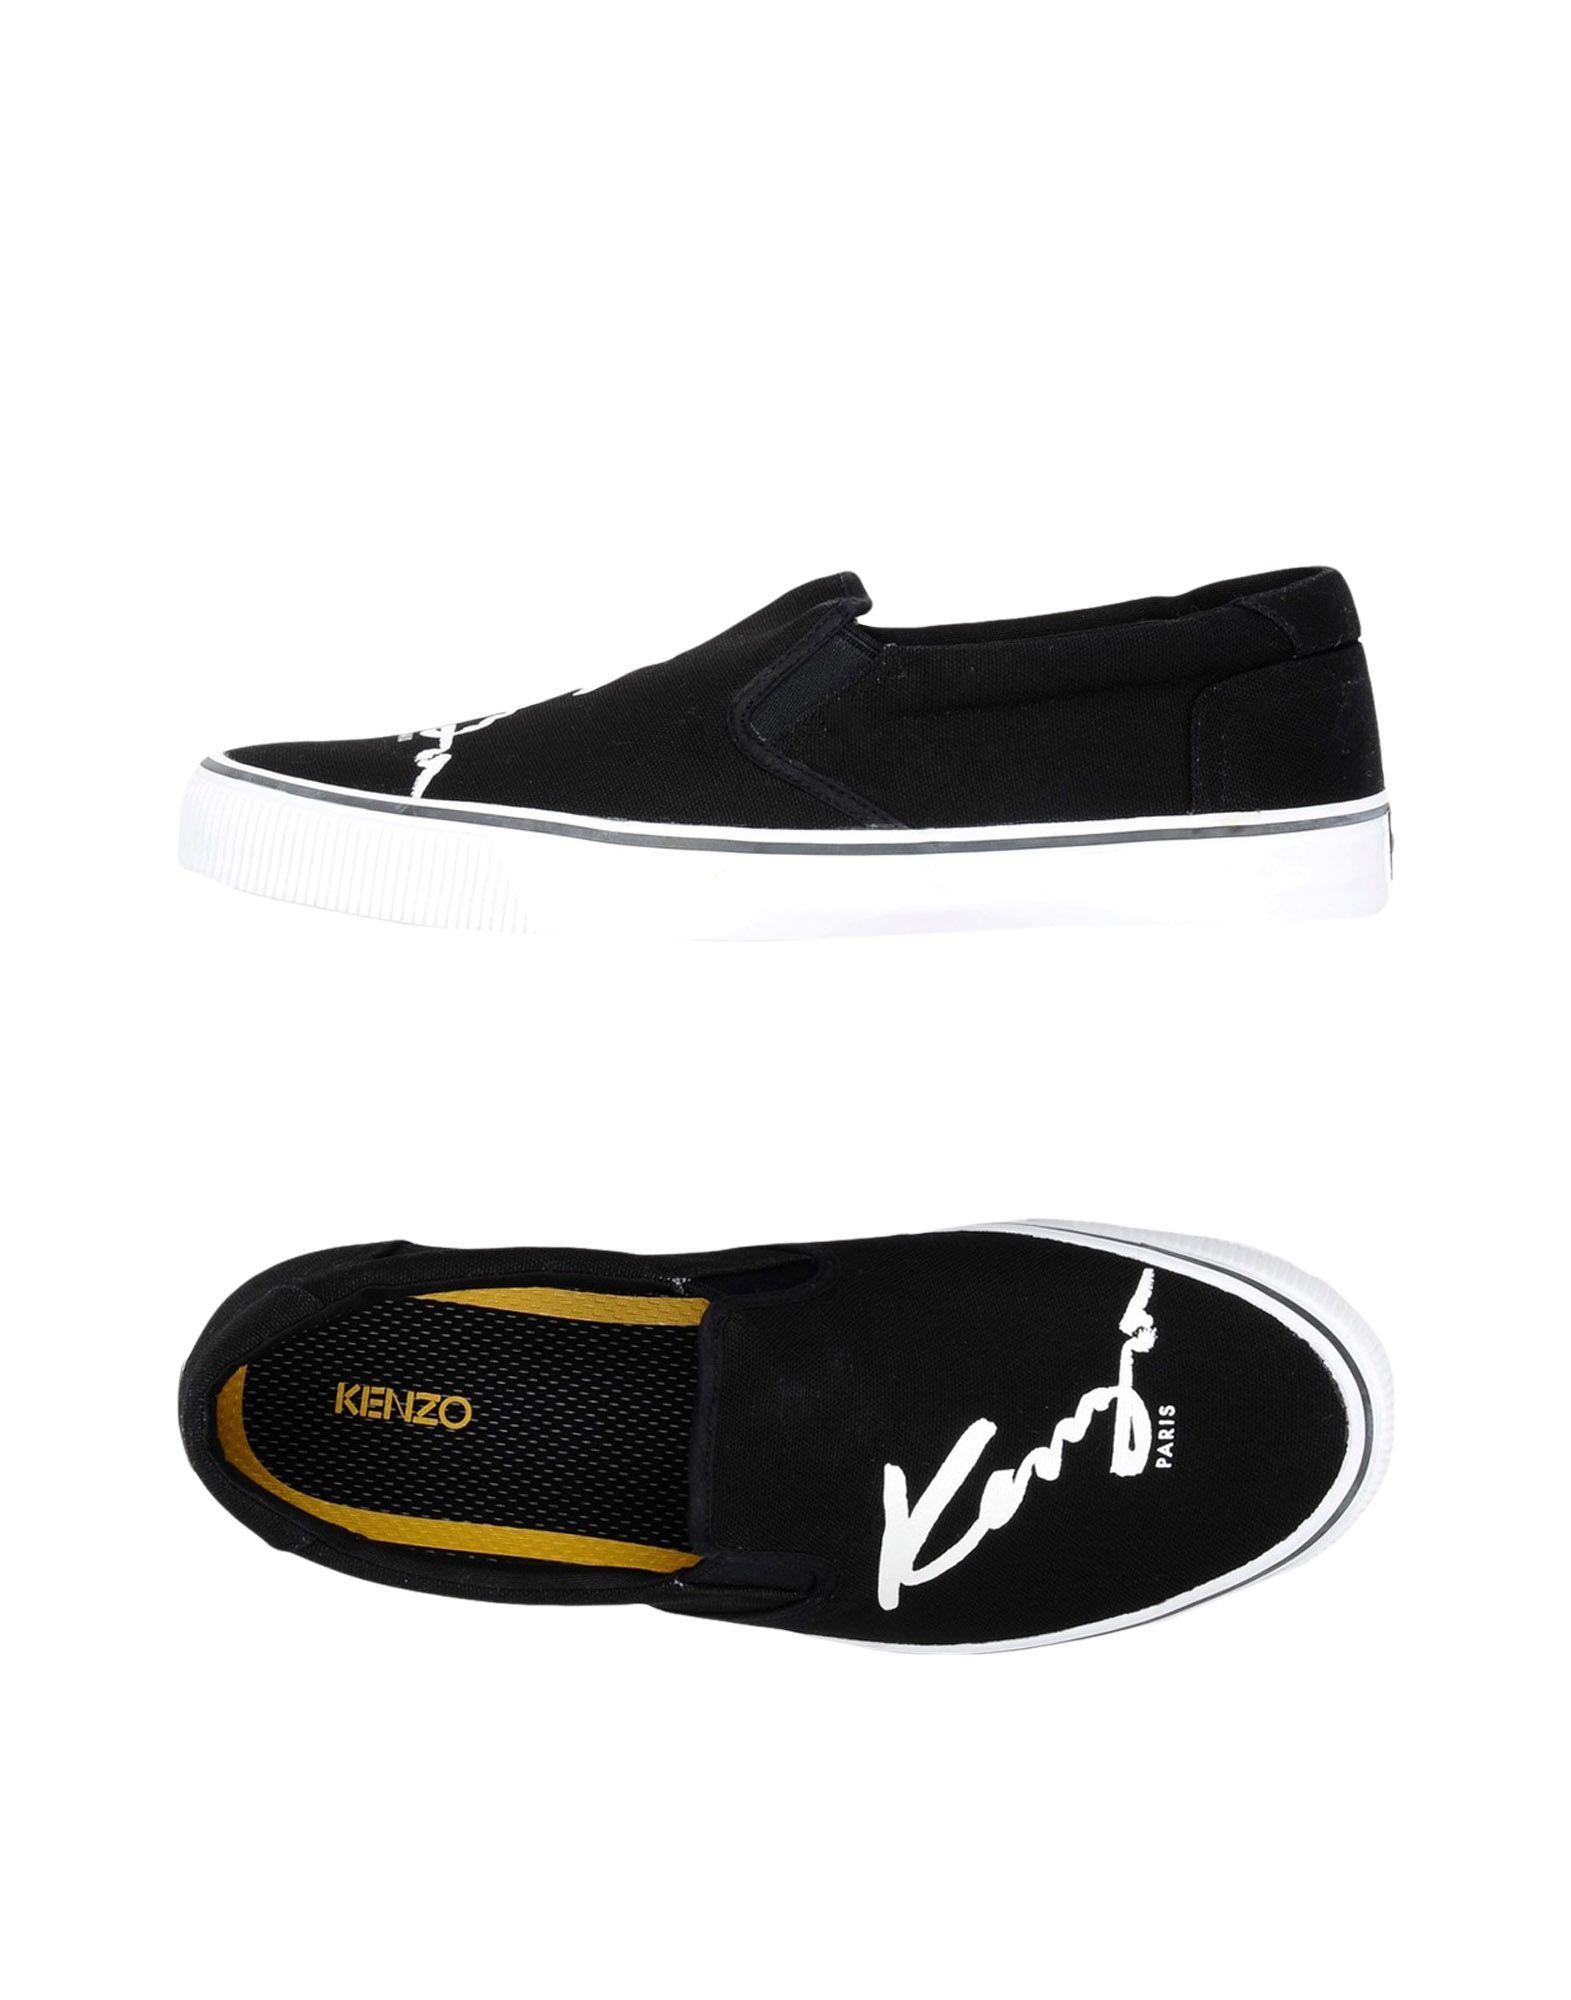 Kenzo Sneakers Herren  11337942WN Gute Qualität beliebte Schuhe